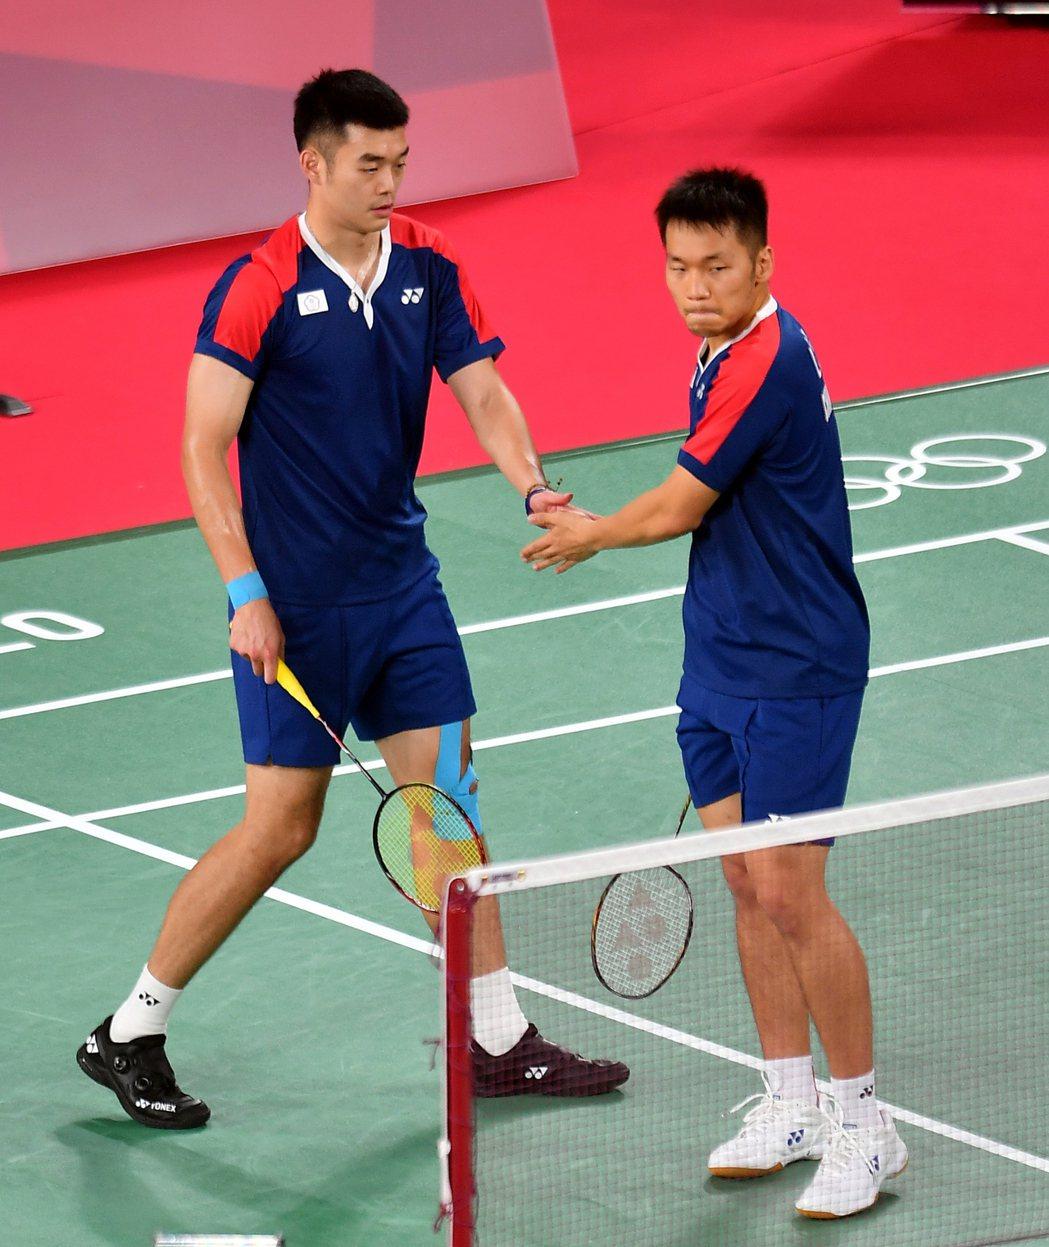 我國羽球黃金男雙「麟洋配」王齊麟(左)與李洋(右)取得在東京奧運的首勝,小組賽1